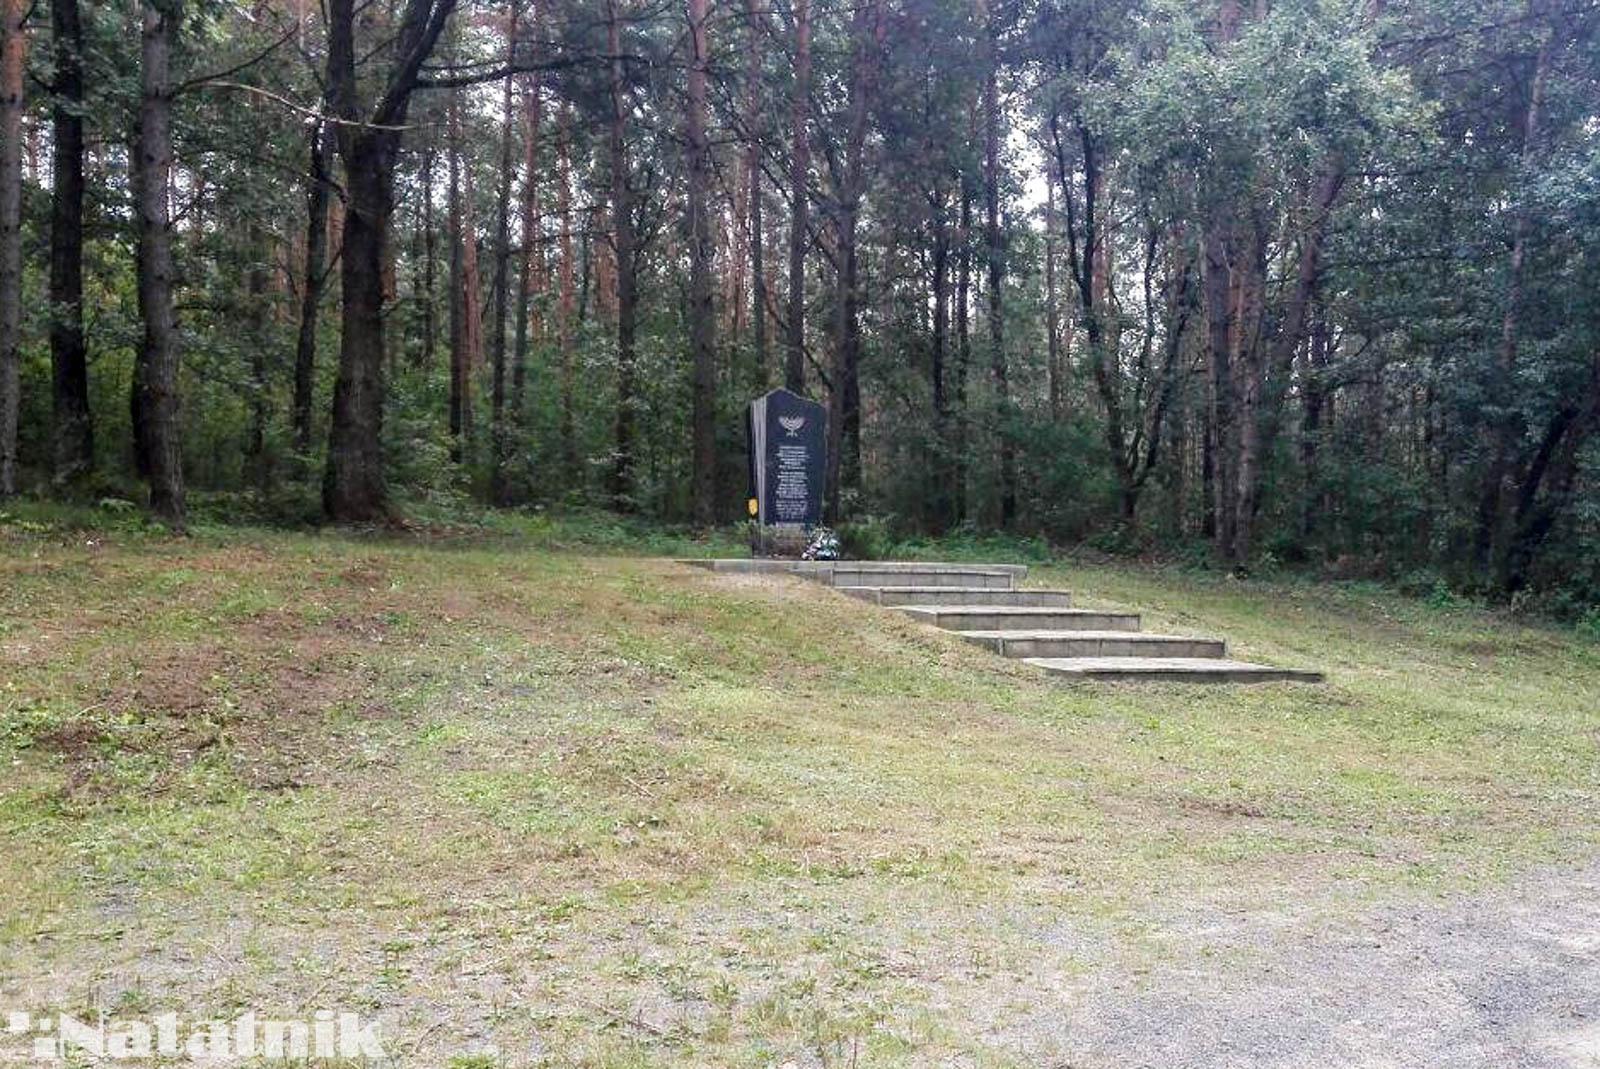 Берёза, Смолярка, место расстрела евреев, памятник